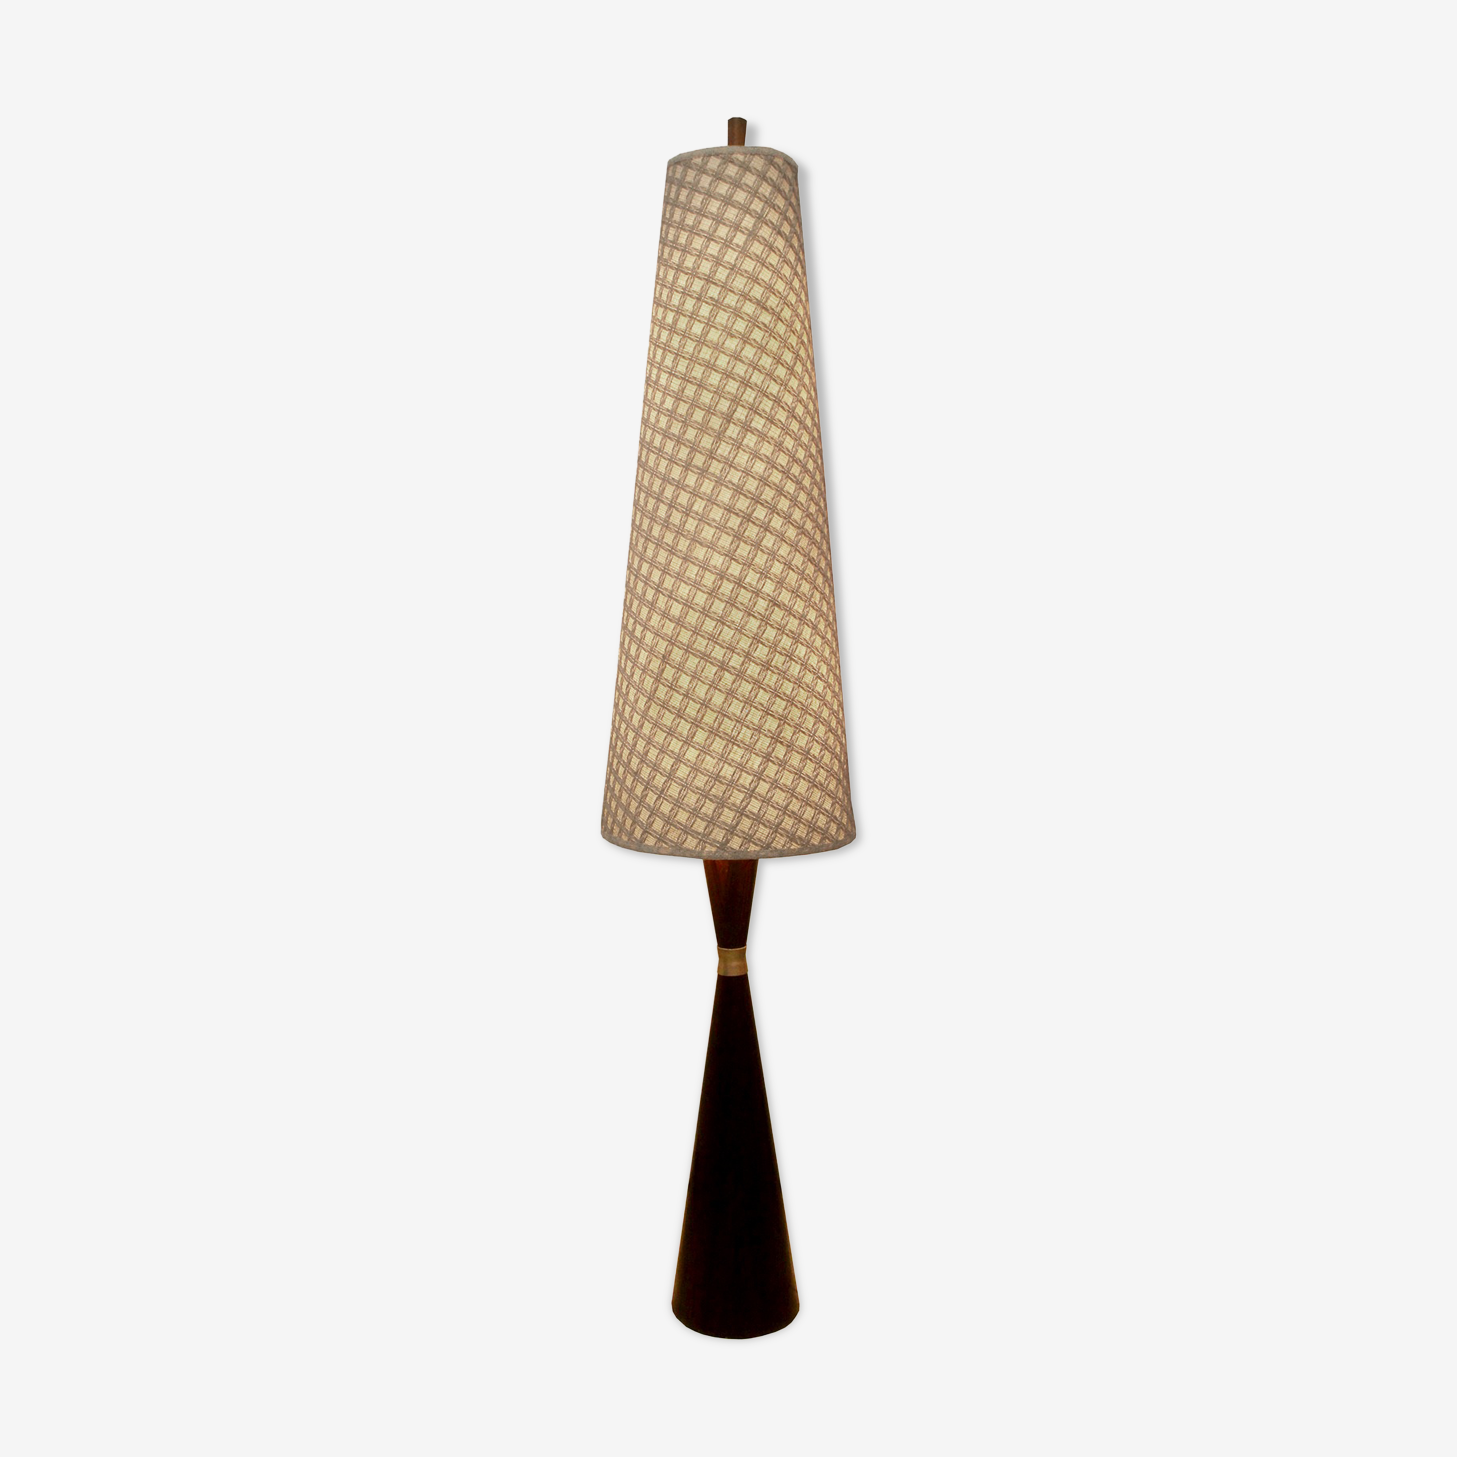 Lampadaire danois des années 1960 en palissandre